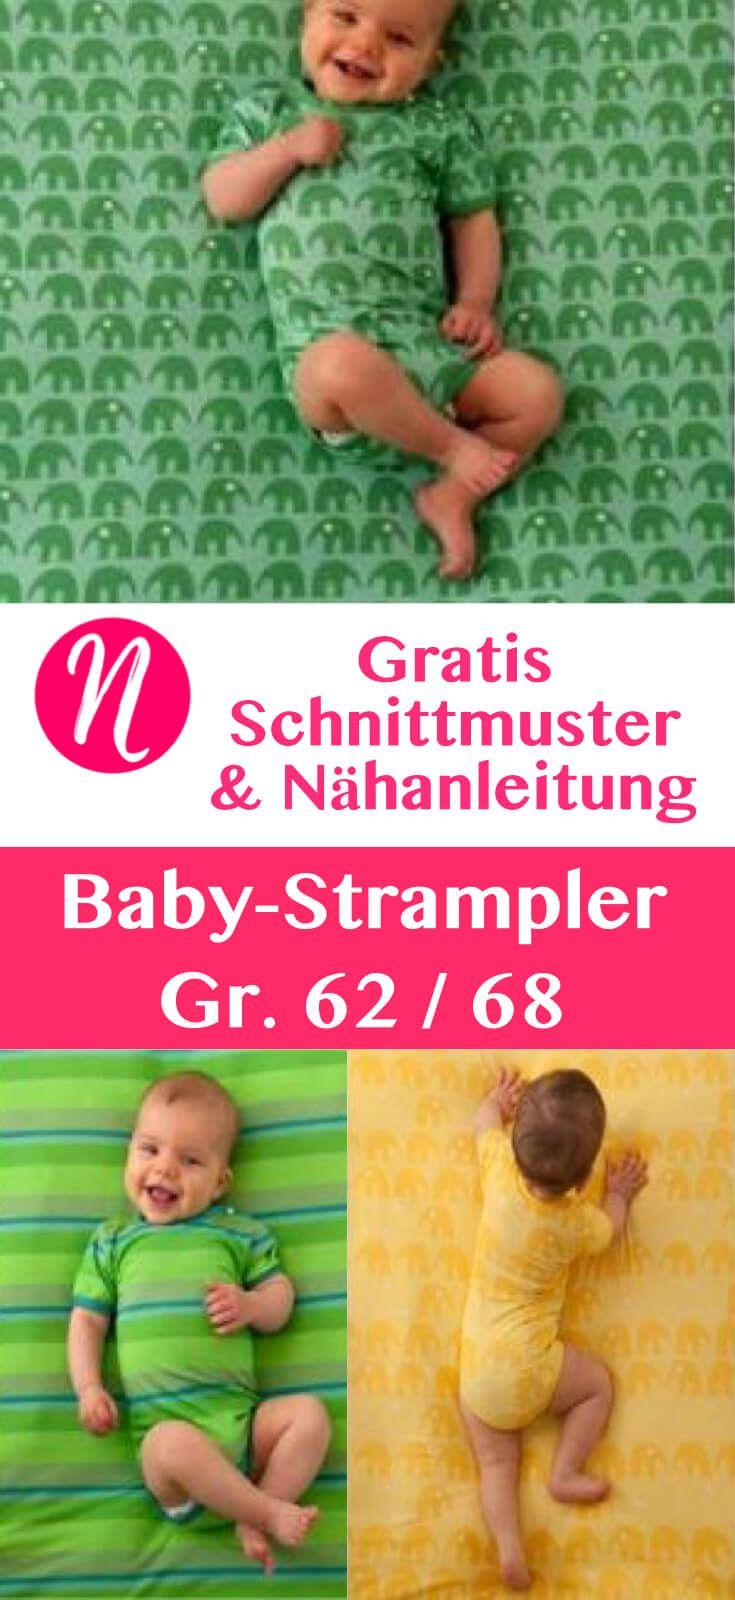 Kostenloses Schnittmuster für einen Baby-Strampler in Gr. 62 & 68 mit Anleitung . PDF zum Ausdrucken ✂ Nähtalente - Magazin für kostenlose Schnittmuster ✂